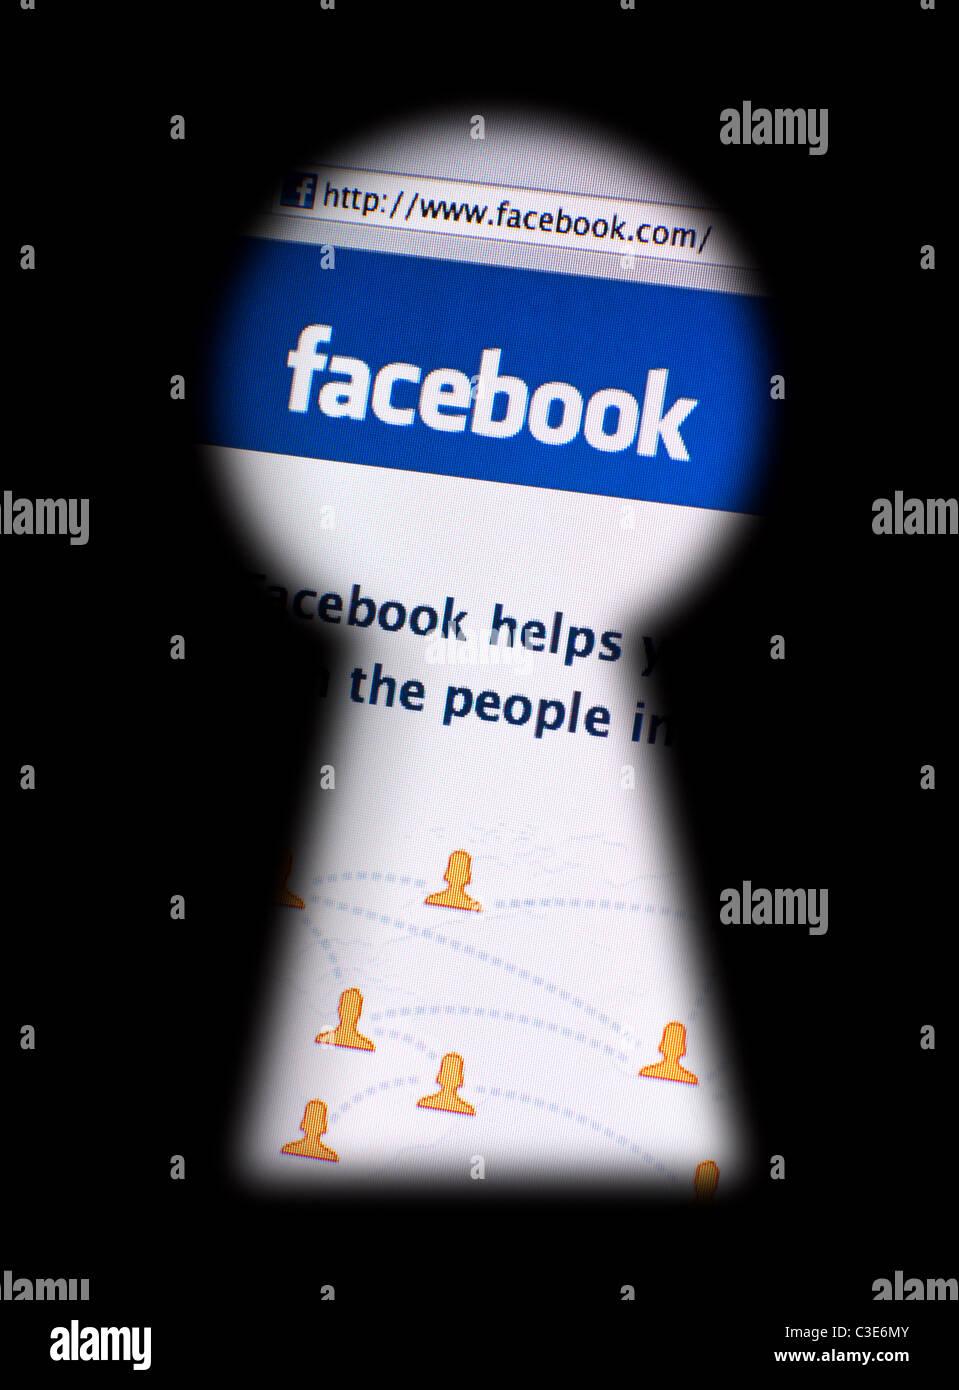 Münster - 7. Mai 2011: facebook.com Website durch ein verschwommenes Schlüsselloch gesehen. Fotografie Stockbild